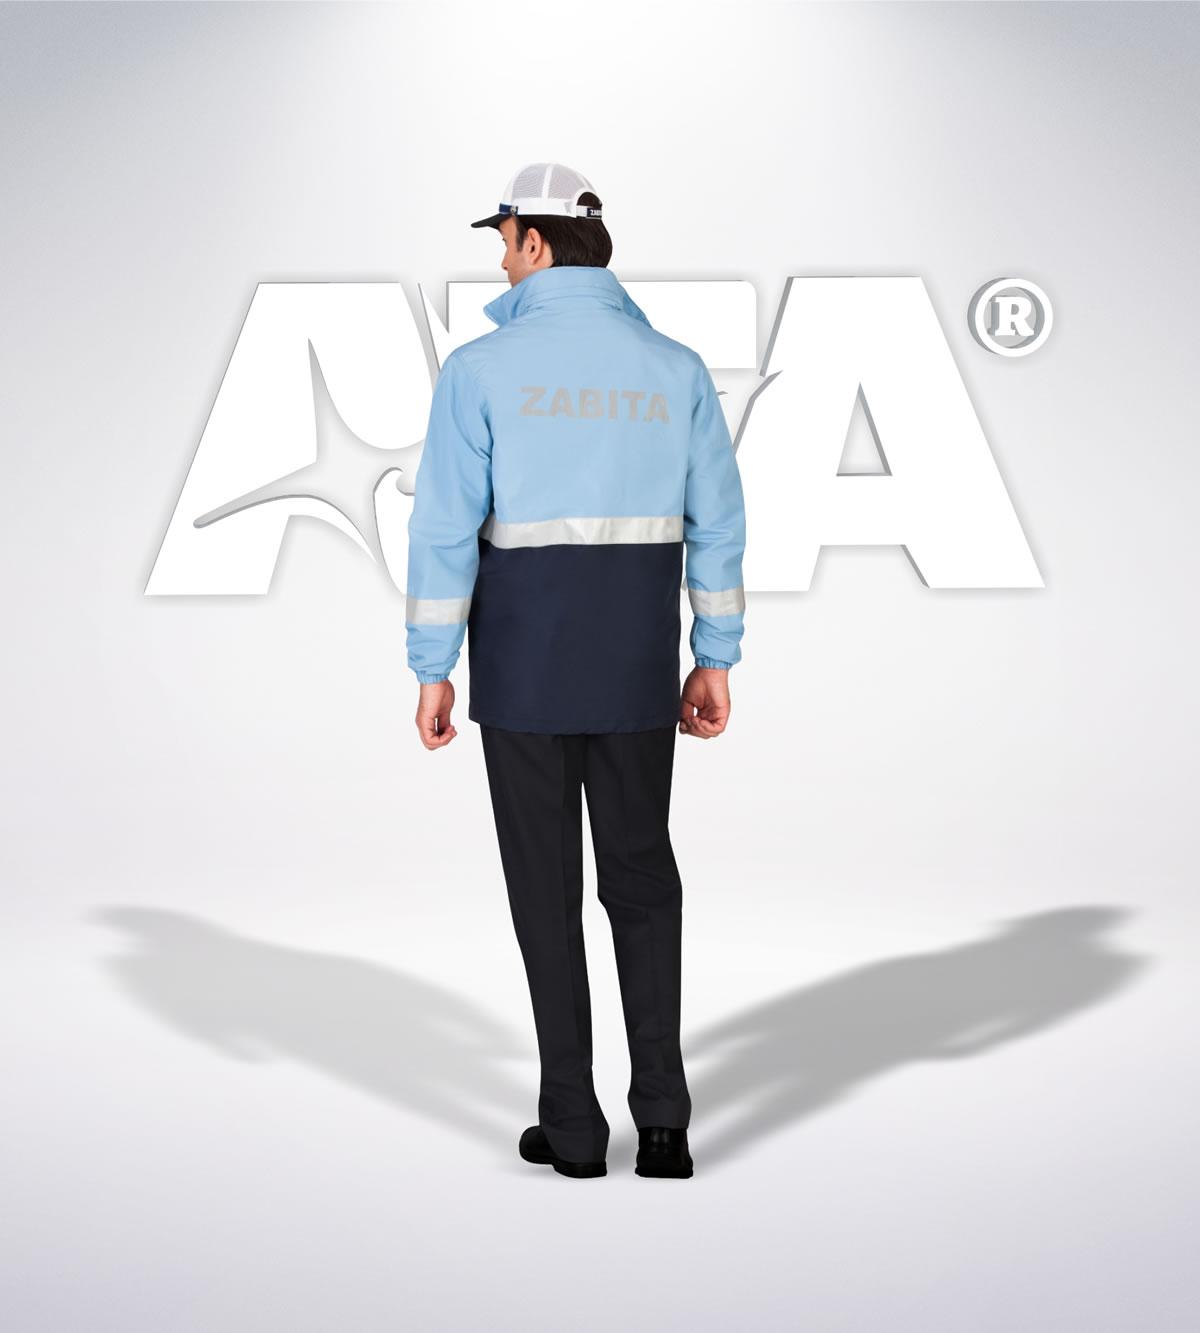 ATA 218 - arka - Pantolon kışlık - yagmurluk - aksesuar - zabıta elbiseleri | zabıta üniformaları | zabıta kıyafetleri